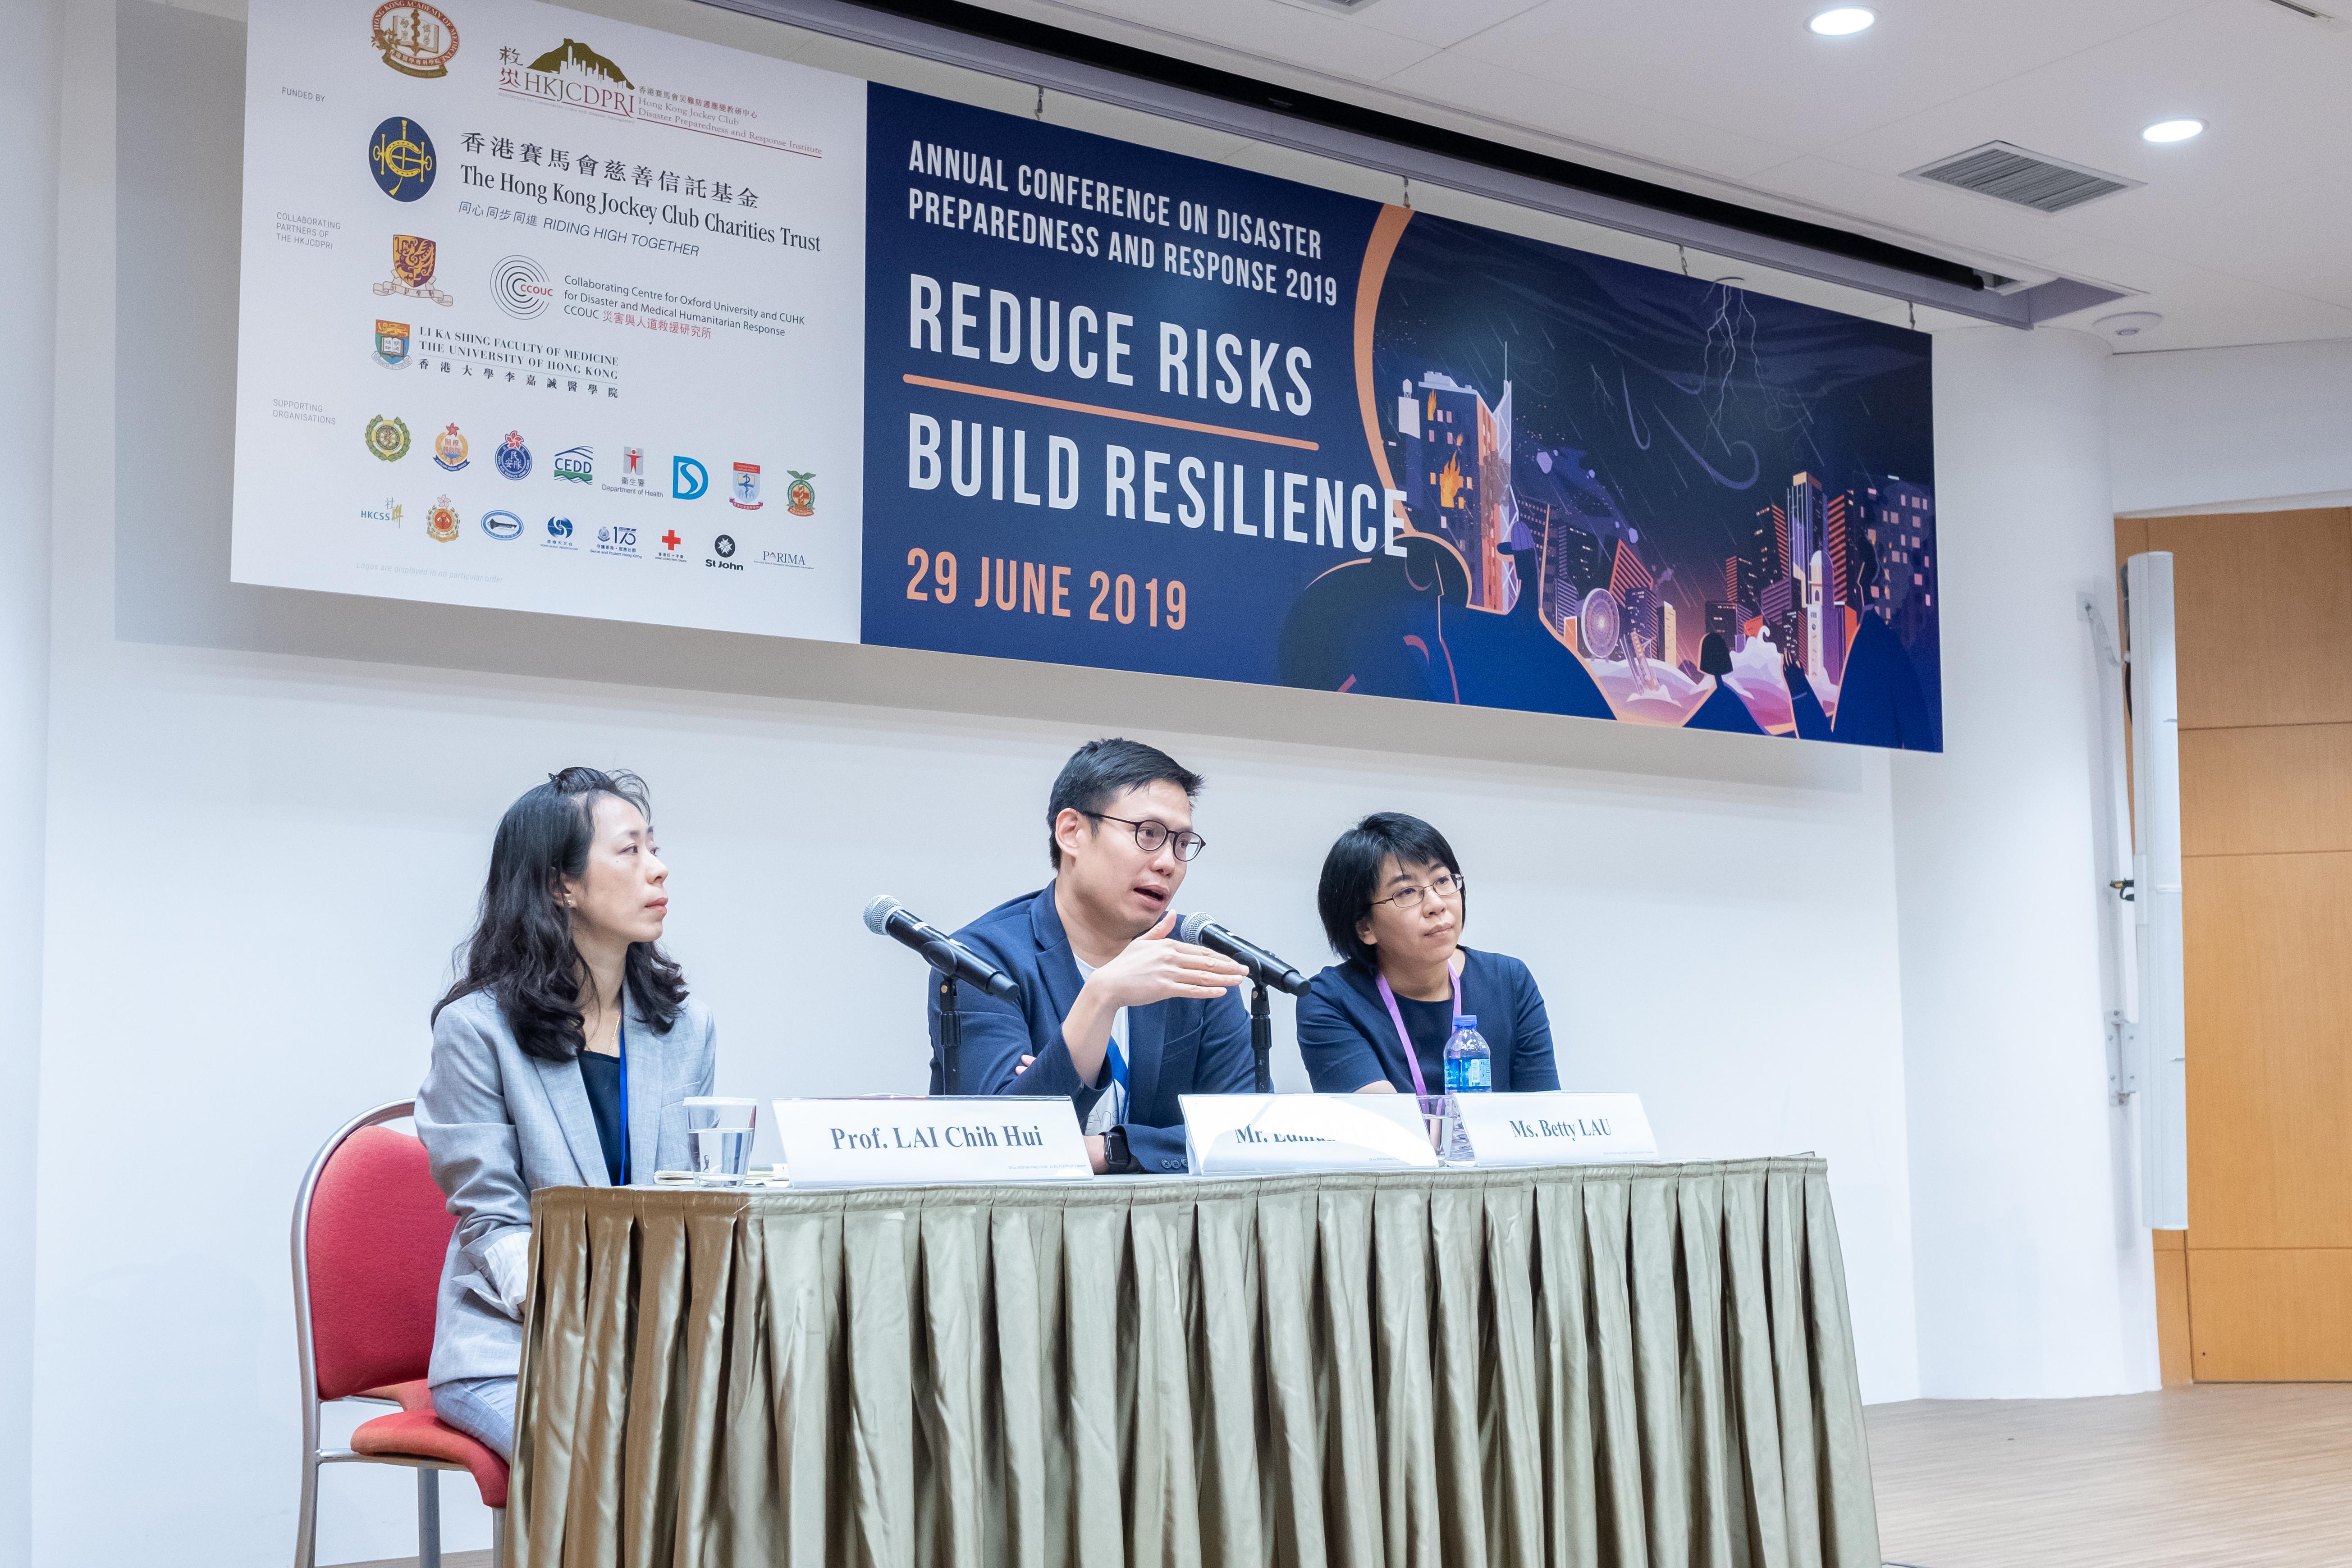 第四屆災難防護應變周年會議